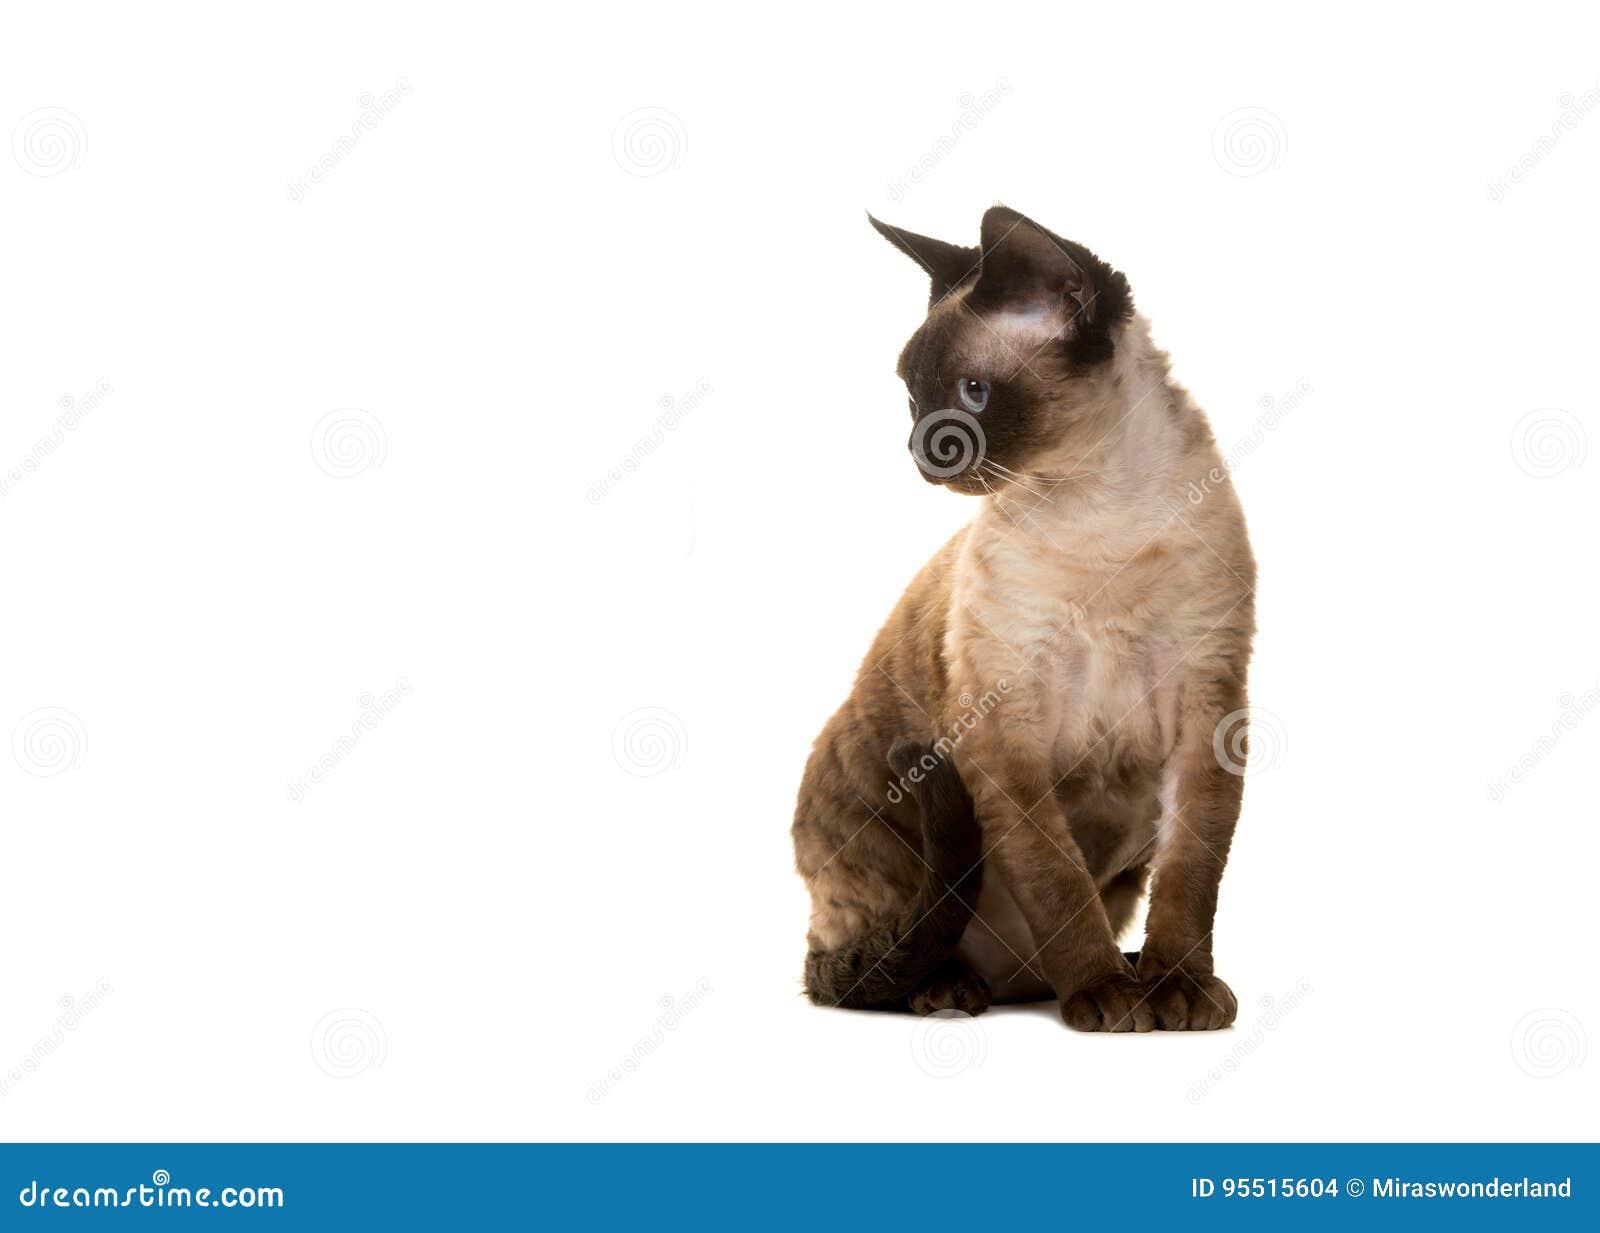 Wunderbar Katze In Der Hut Hut Färbung Seite Ideen - Malvorlagen Von ...